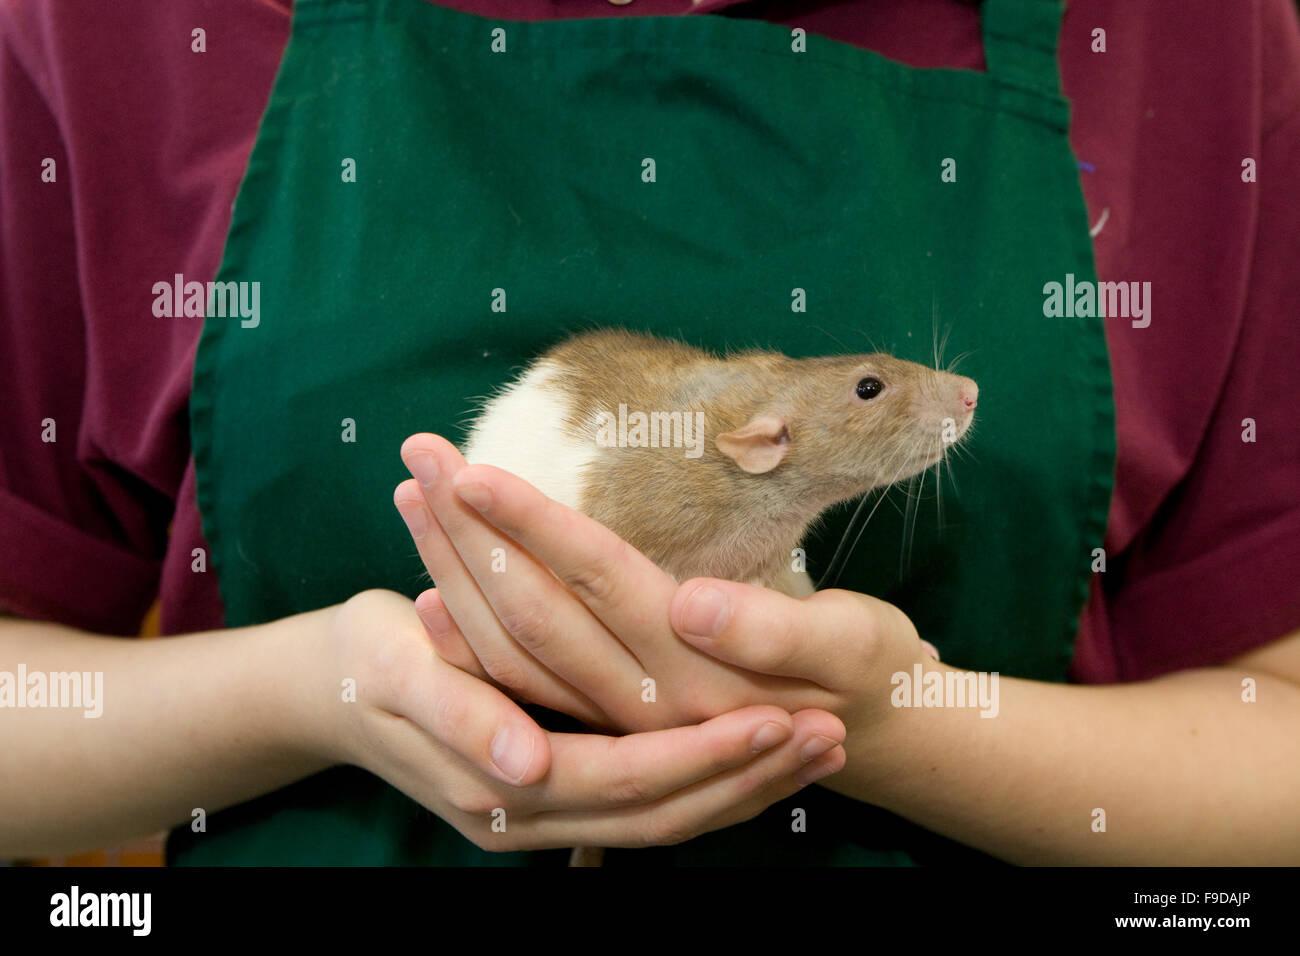 Benessere degli animali Immagini Stock